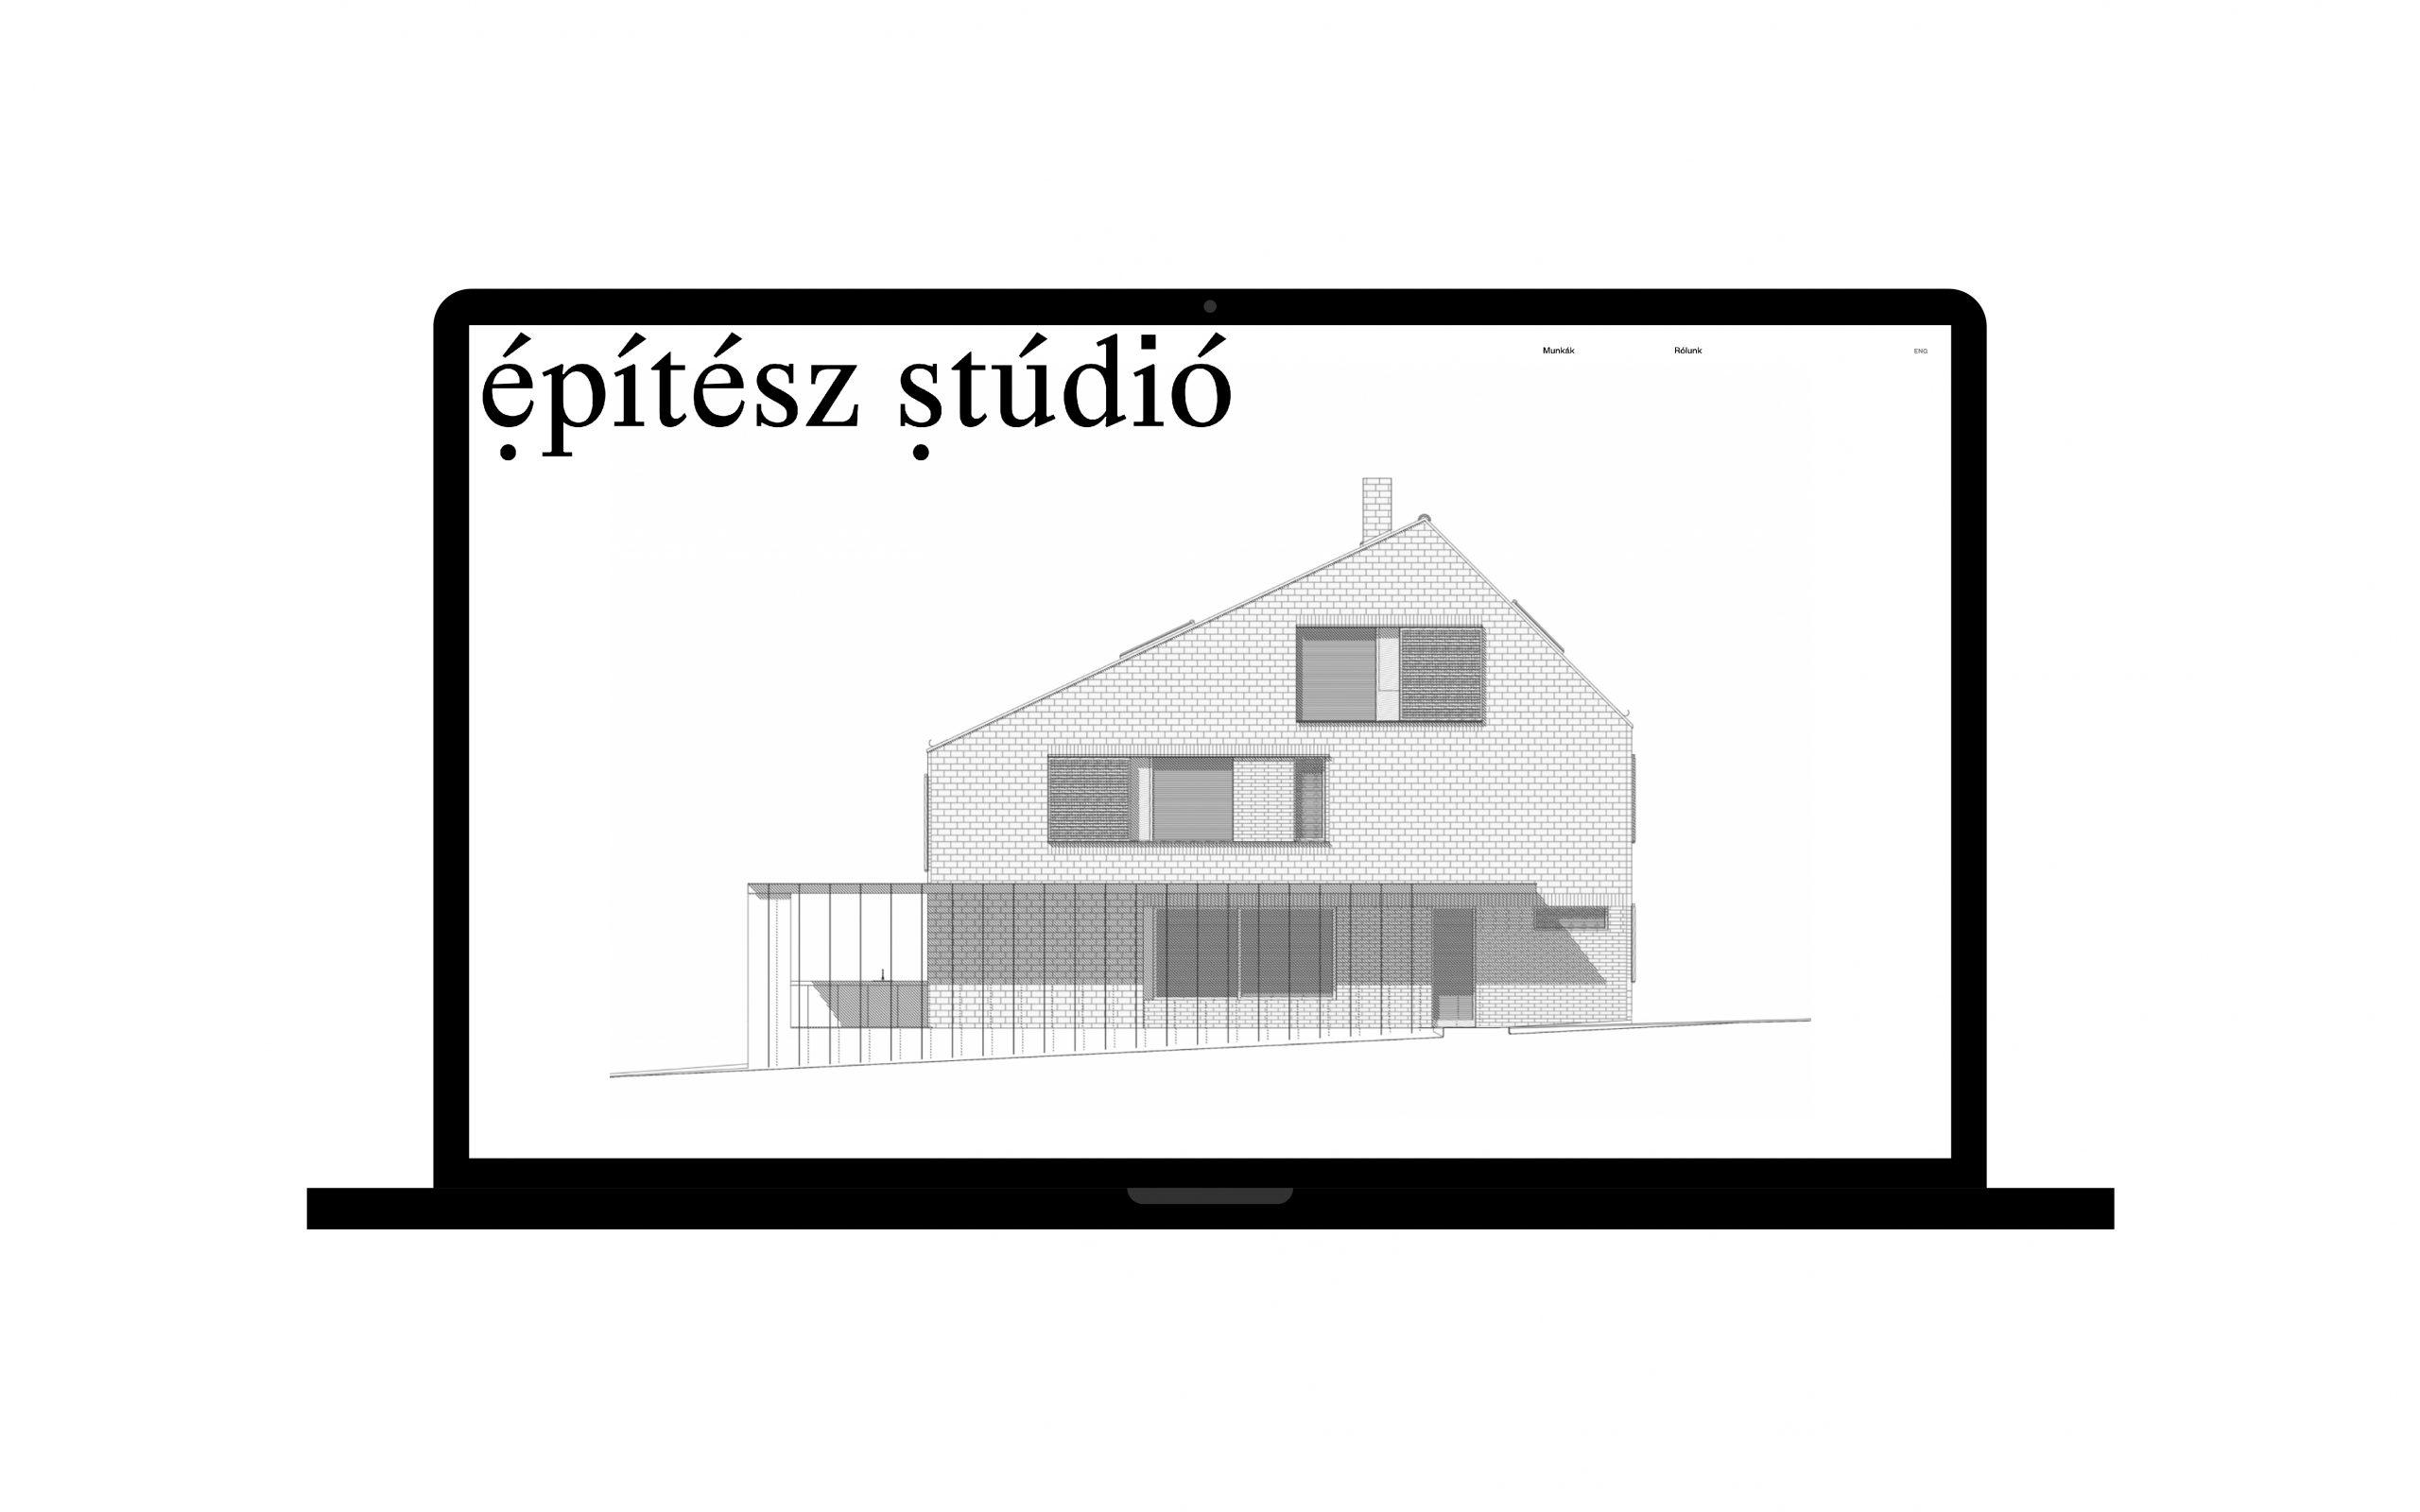 ES-mockup-web_desktop_08